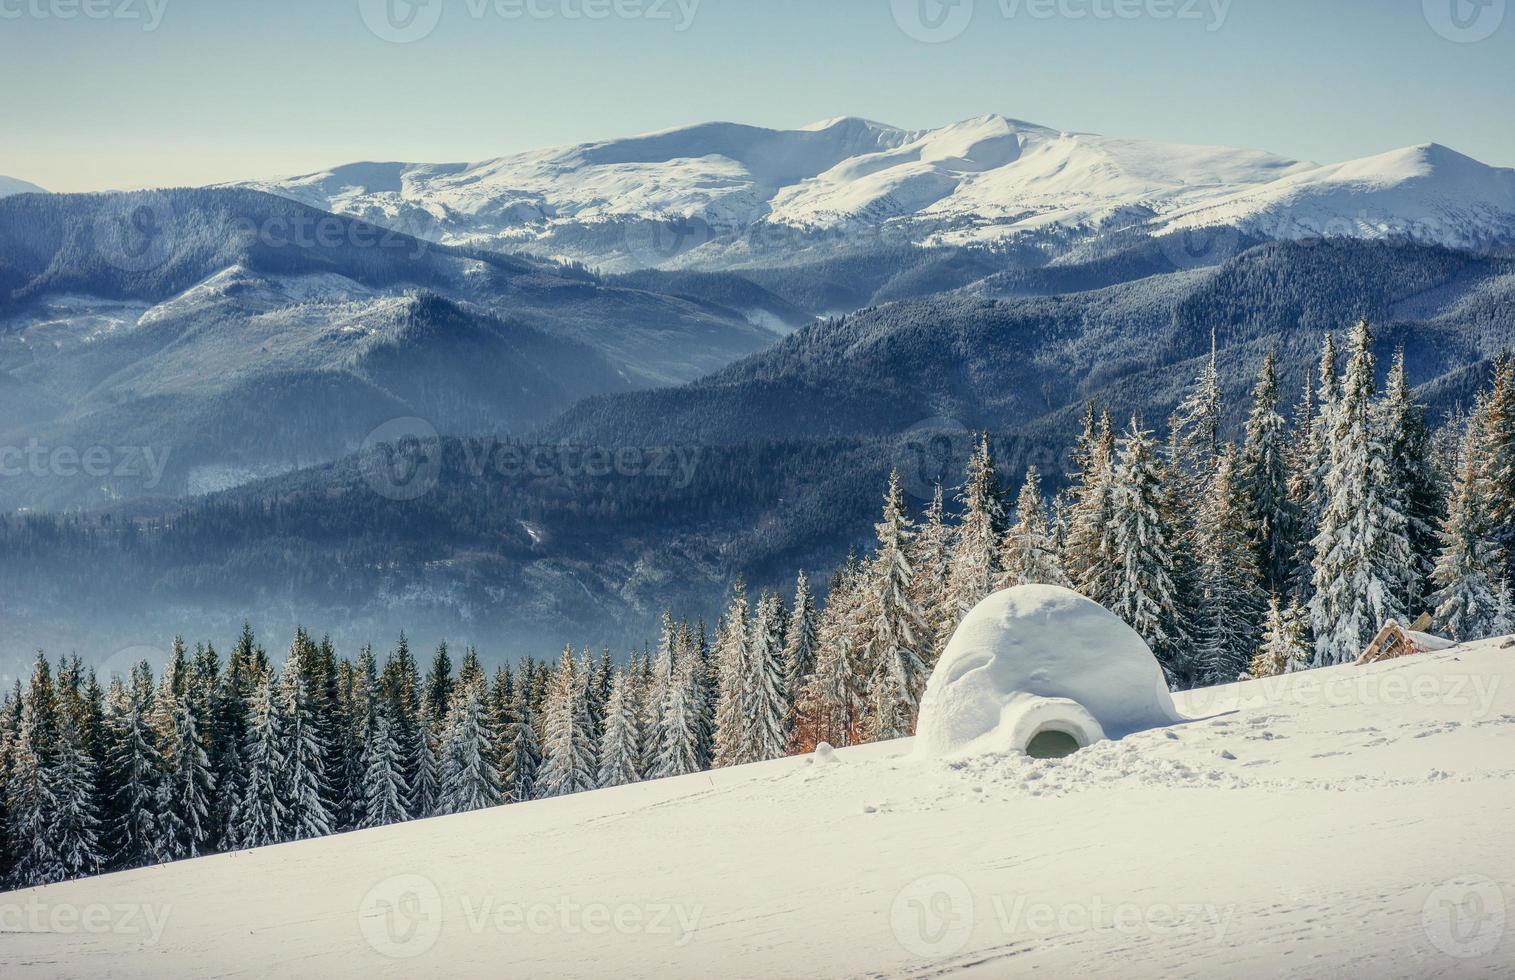 yurta nelle montagne di nebbia invernale. Carpazi, Ucraina, Europa. foto